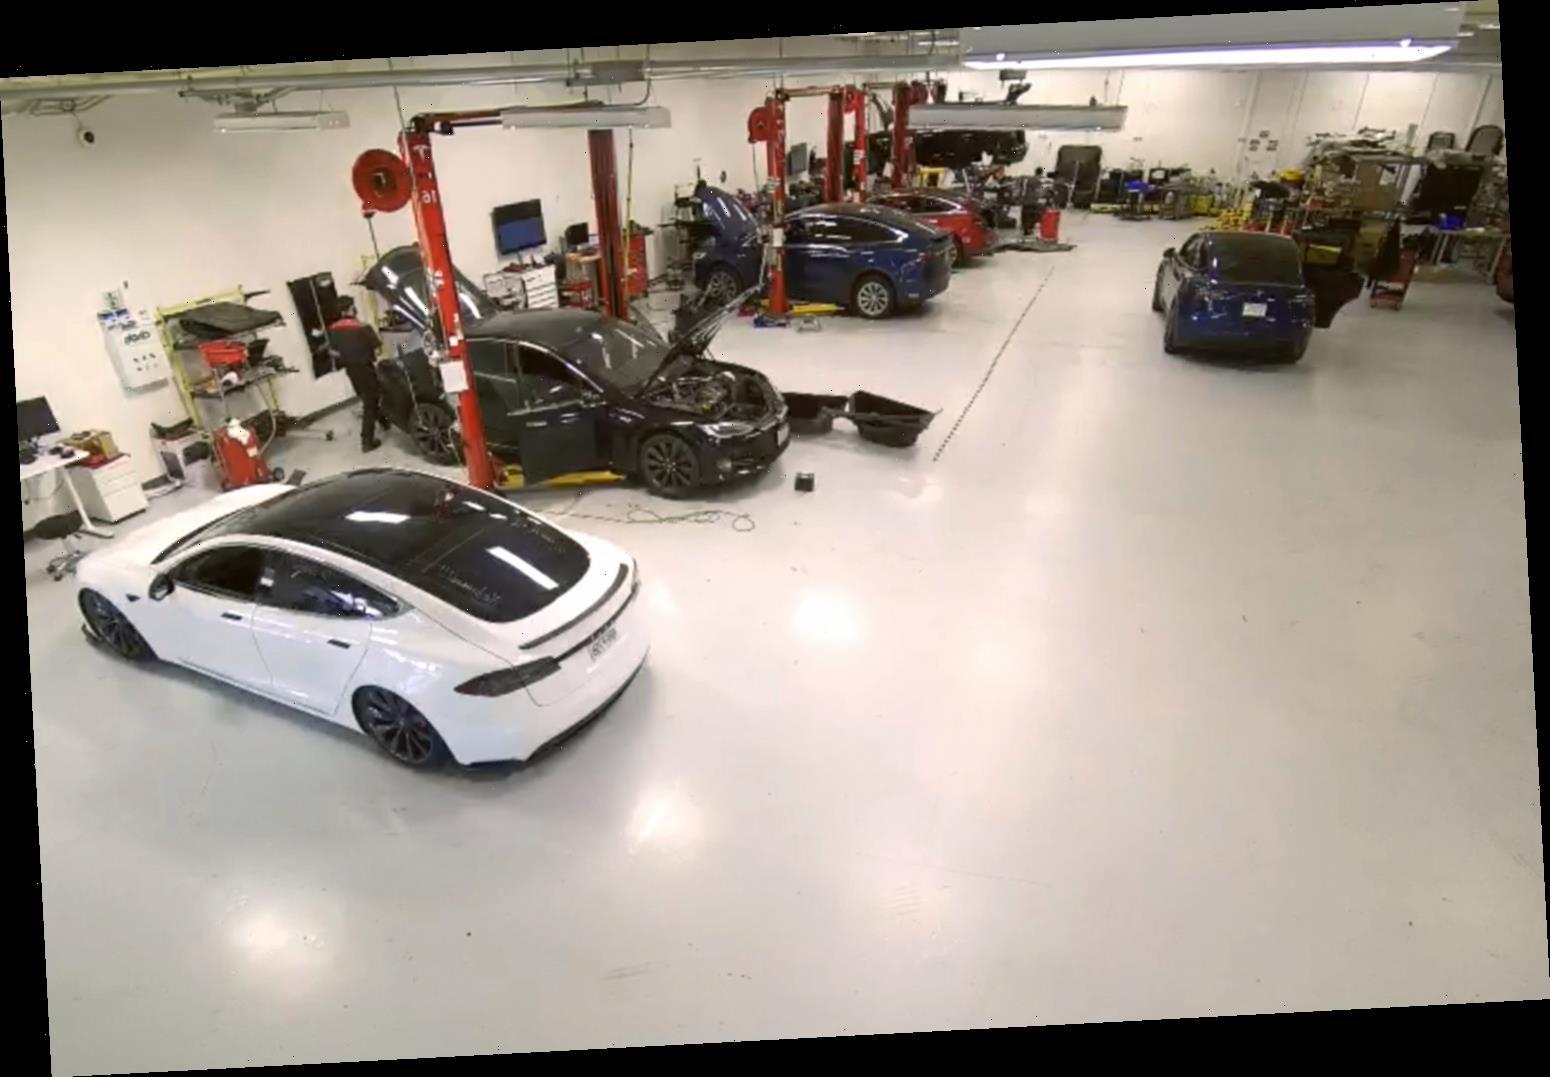 How did hackers access Tesla surveillance cameras?